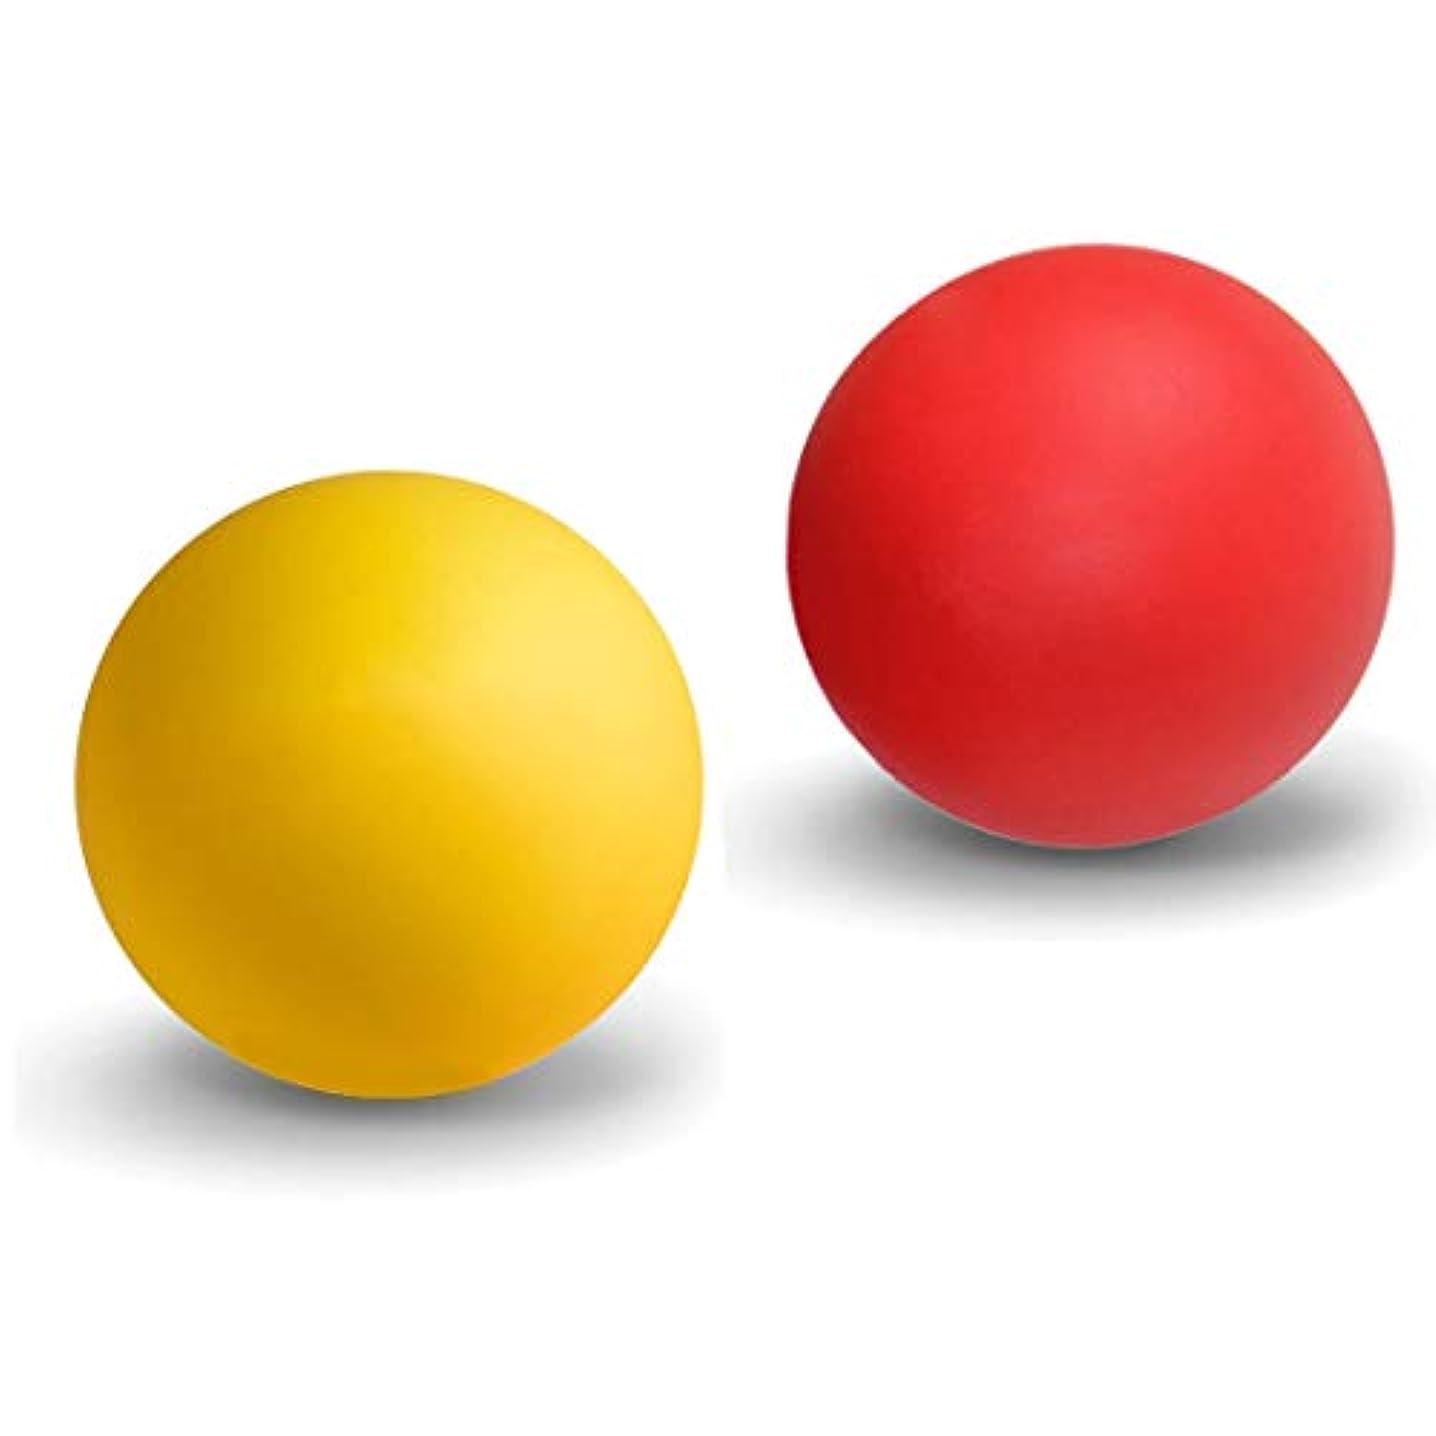 熟すアクティビティ乱用マッサージボール ストレッチボール トリガーポイント ラクロスボール 筋膜リリース トレーニング 指圧ボールマッスルマッサージボール 背中 肩こり 腰 ふくらはぎ 足裏 ツボ押しグッズ 2で1組み合わせ 2個 セット